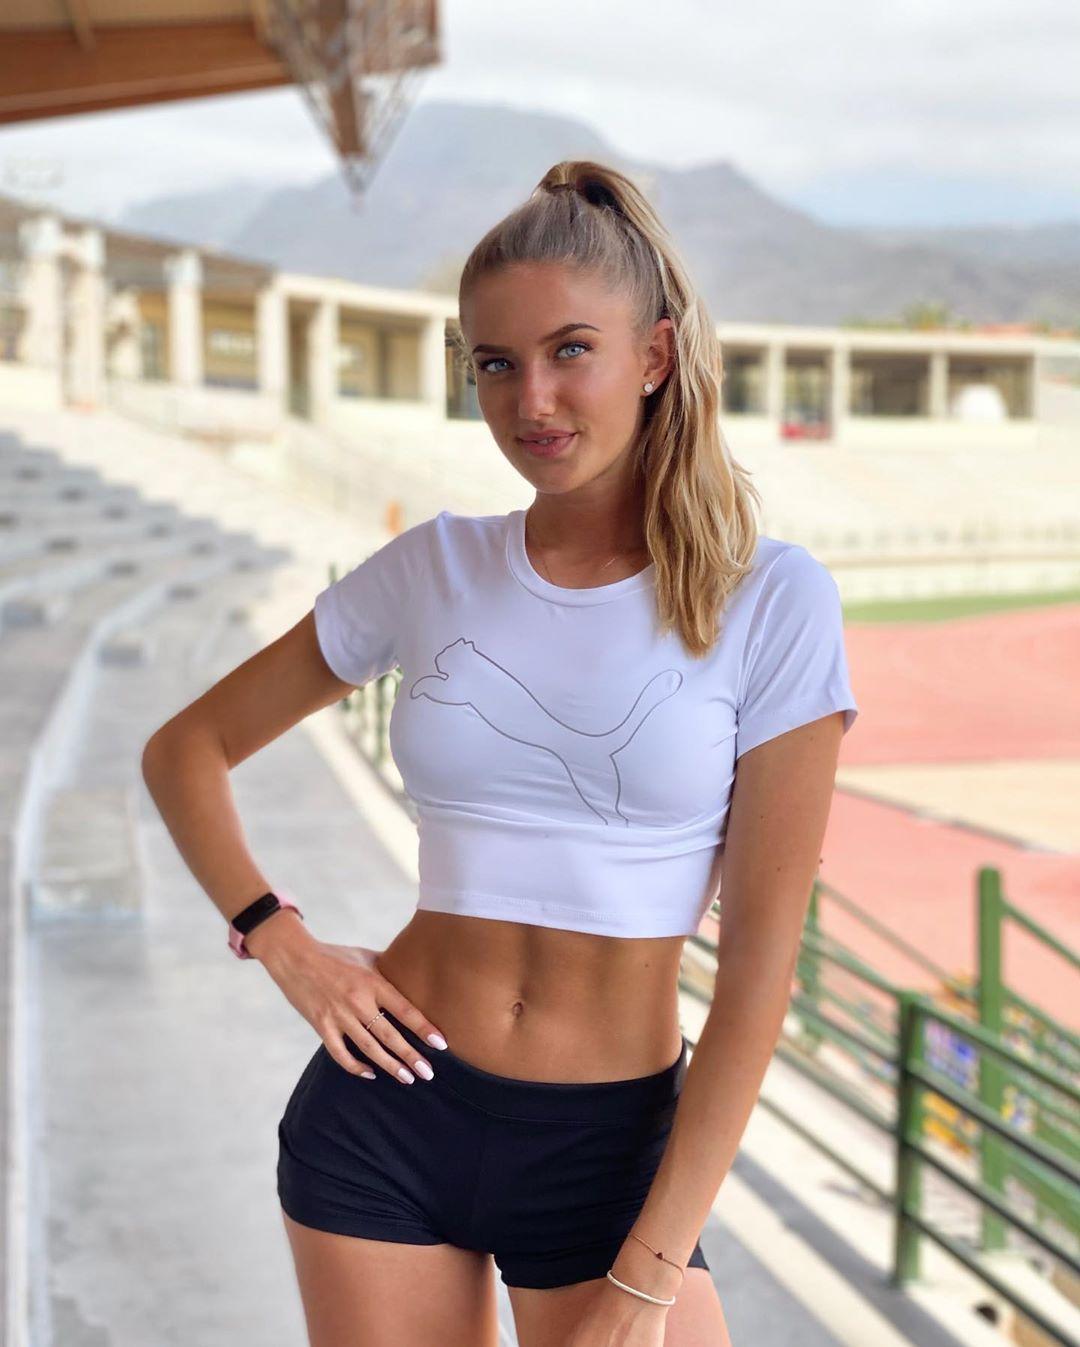 Немецкая бегунья Алиса Шмидт является самой красивой спортсменкой в мире, что думаете?